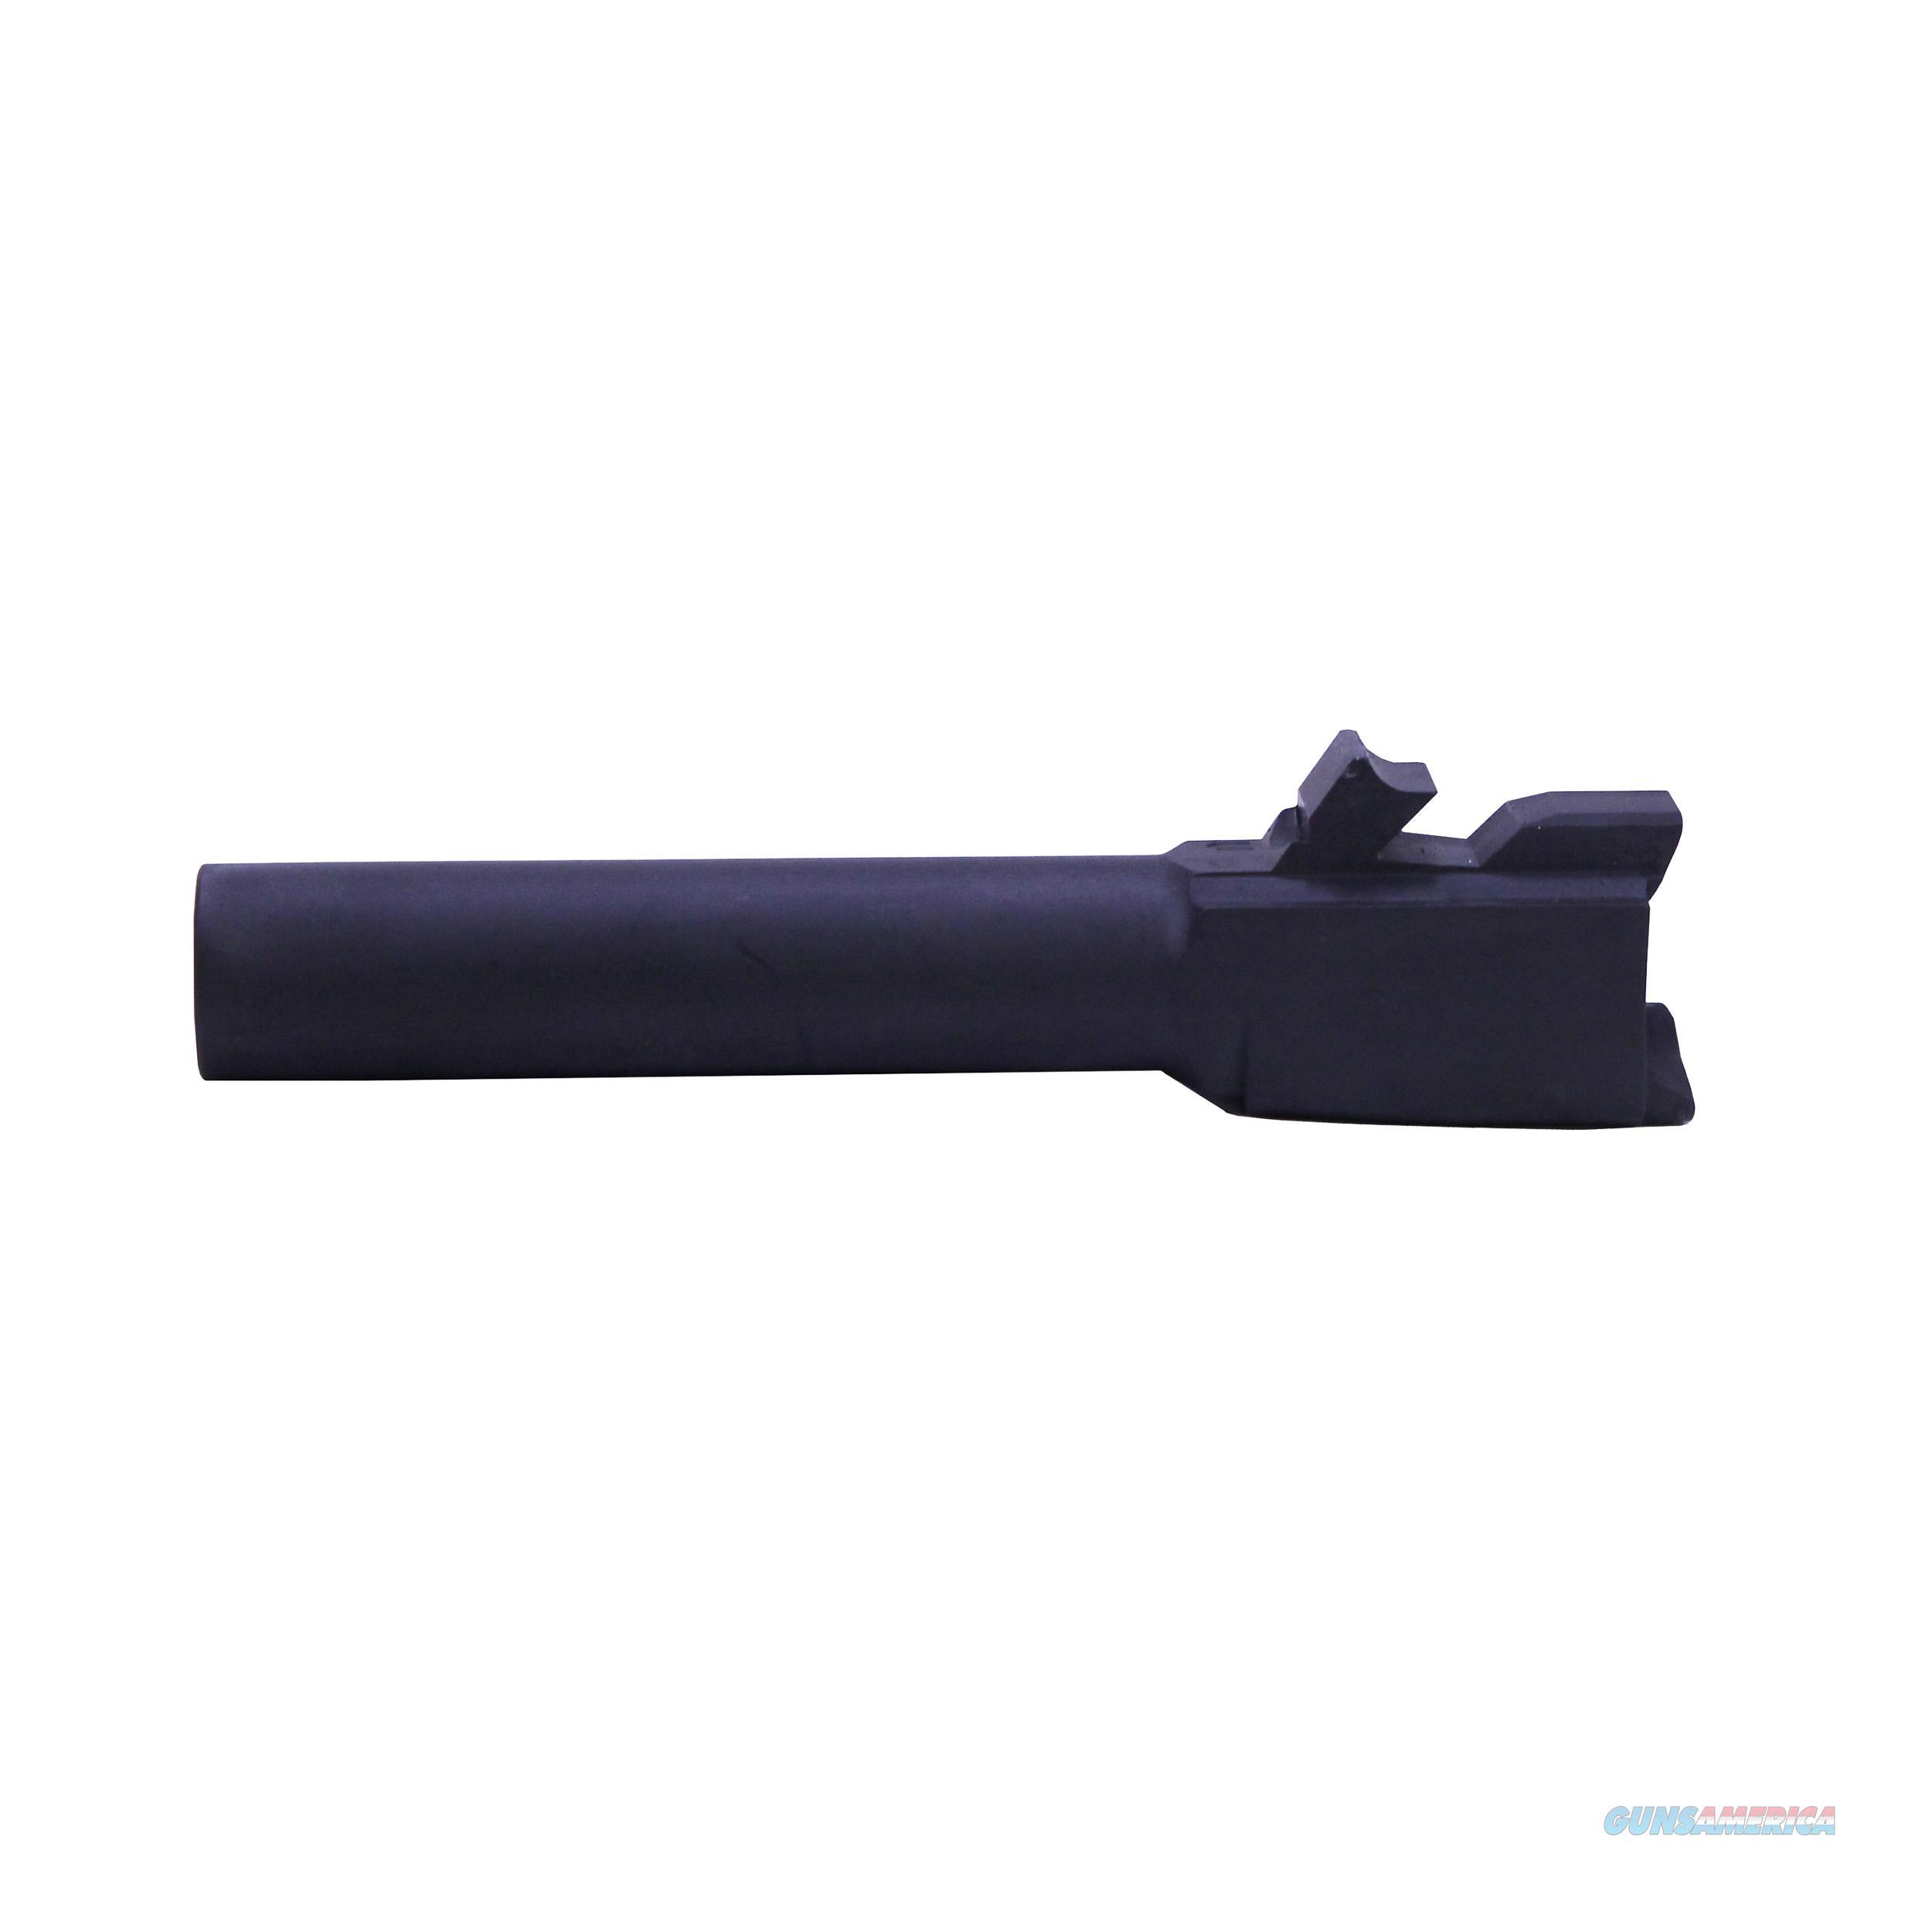 Fn Manufacturing Fns/Fnx-40 67206-3  Non-Guns > Barrels